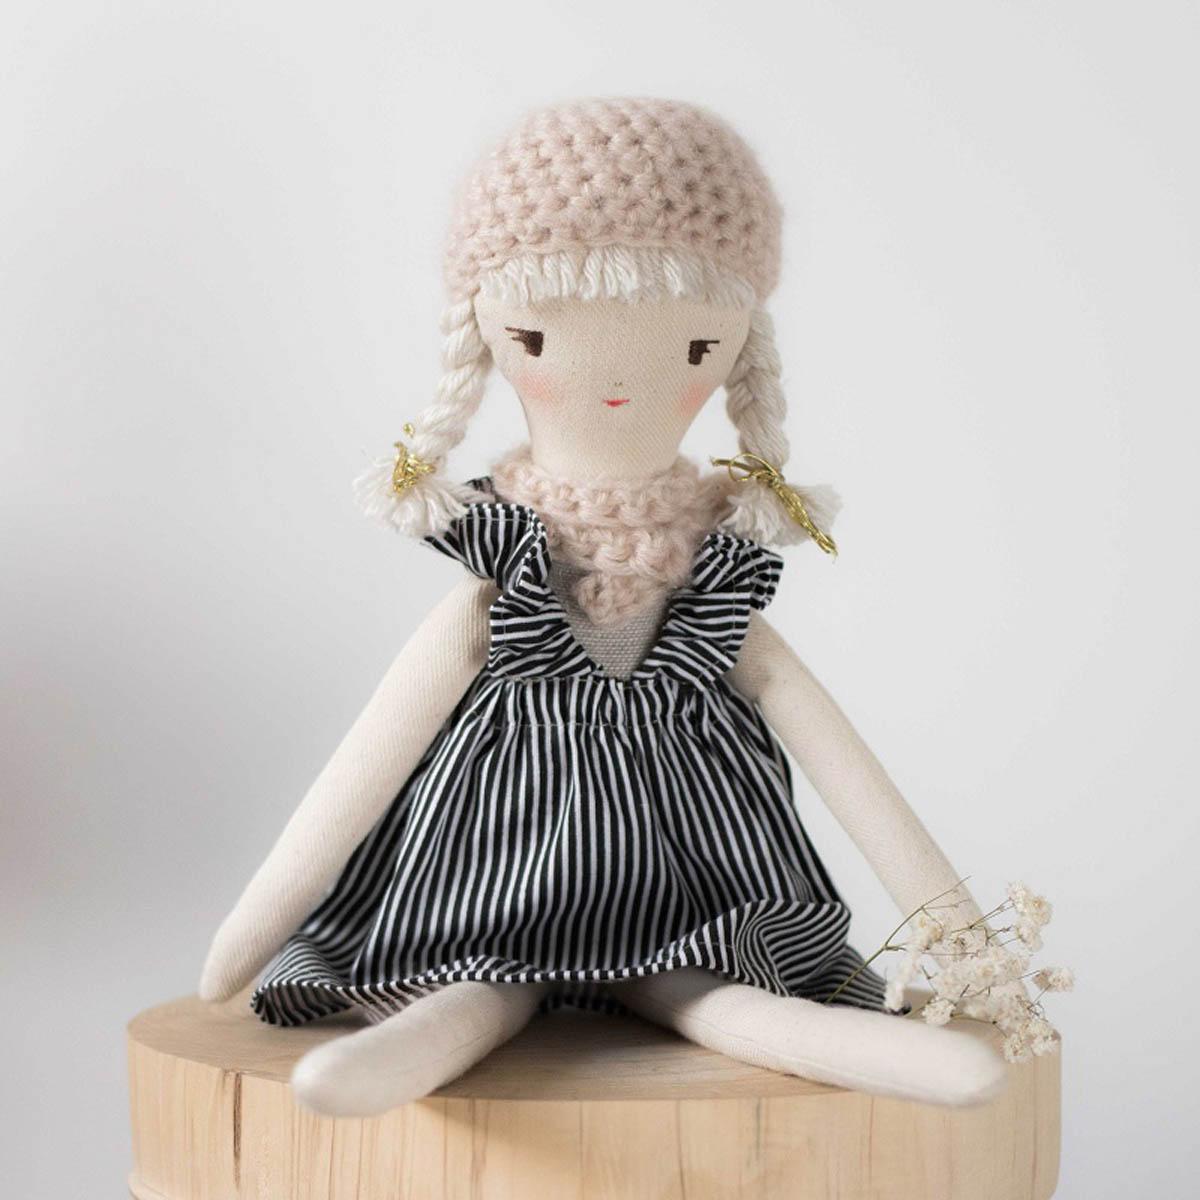 Lalka Maia ubrana w lniane body w kolorze beżowym, spódniczkę bawełnianą w czarno białe paski oraz szalik i beret w kolorze beżowym.